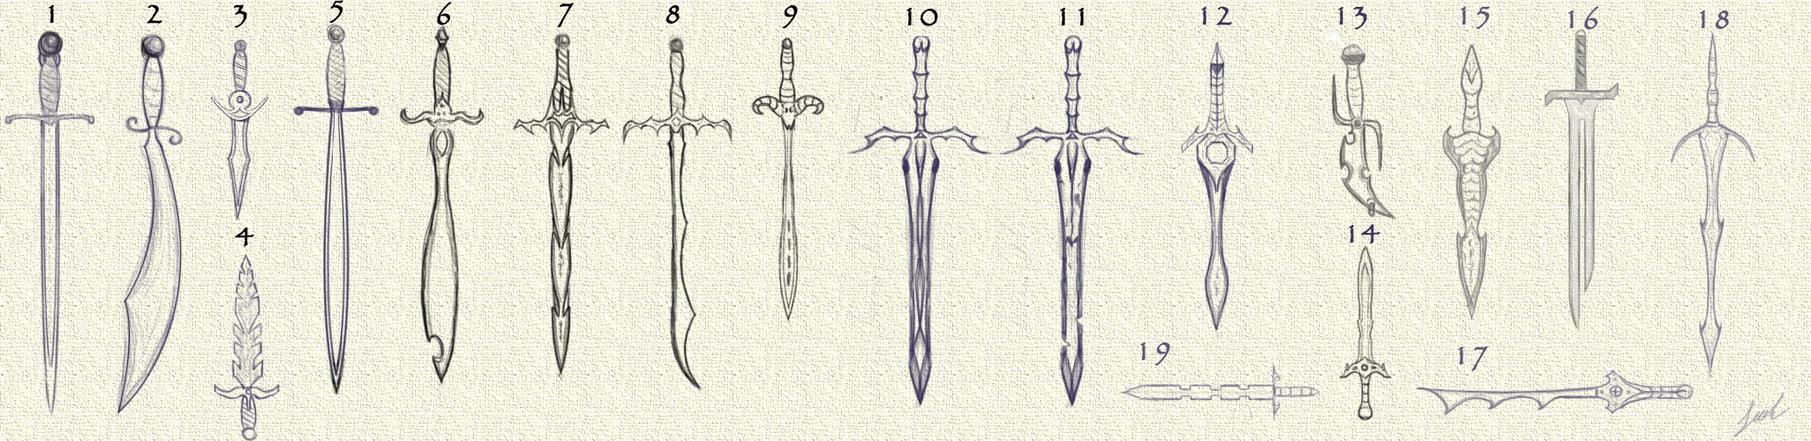 Medieval swords by jbrownsts